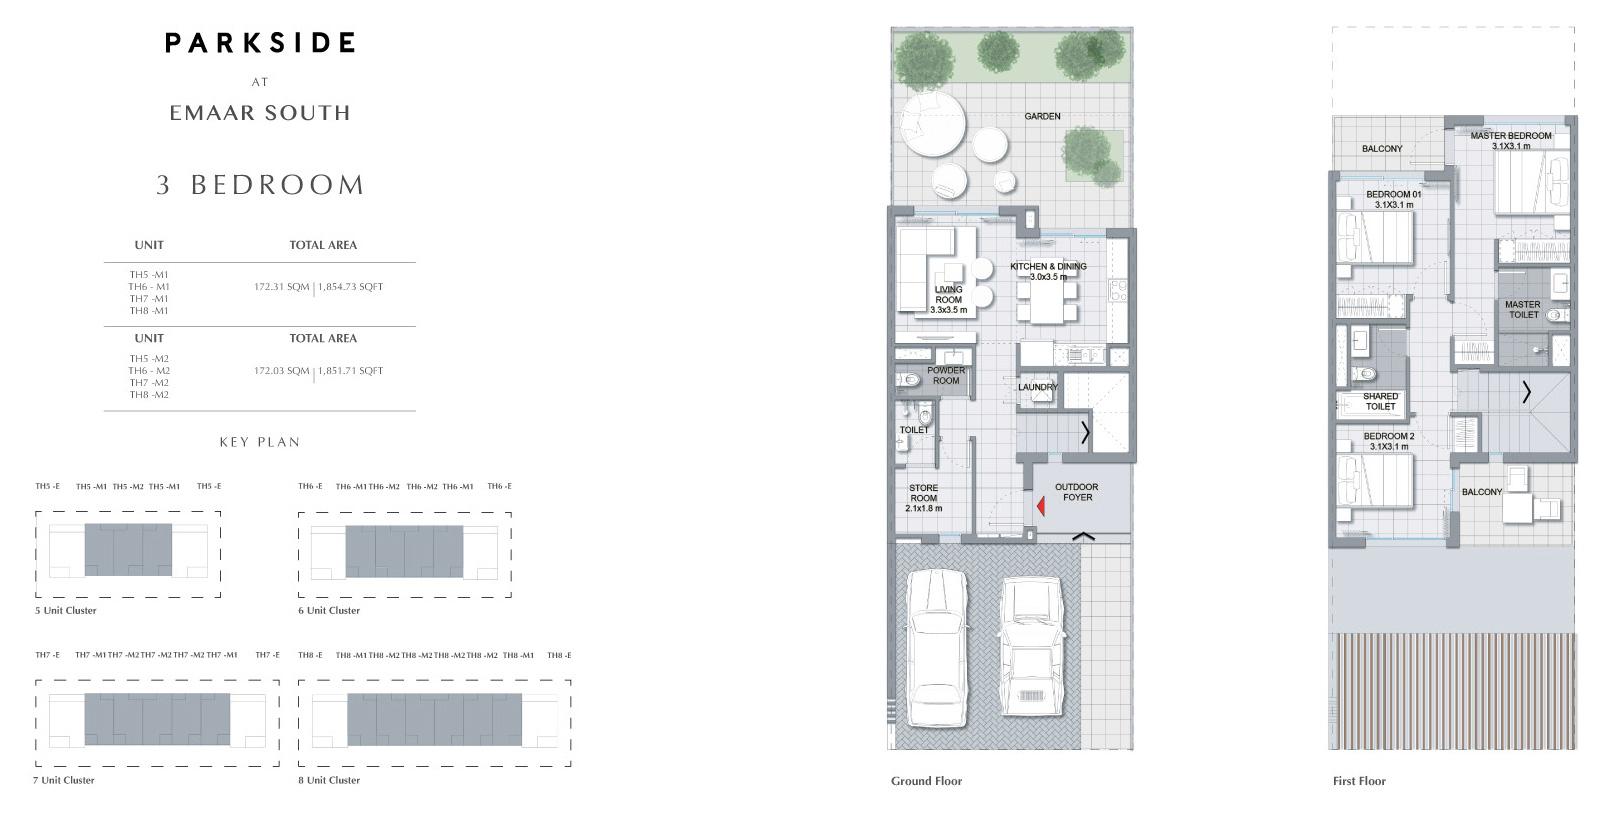 3 Bedroom - Sizes 1,851.71 - 1,854.73 Sq Ft